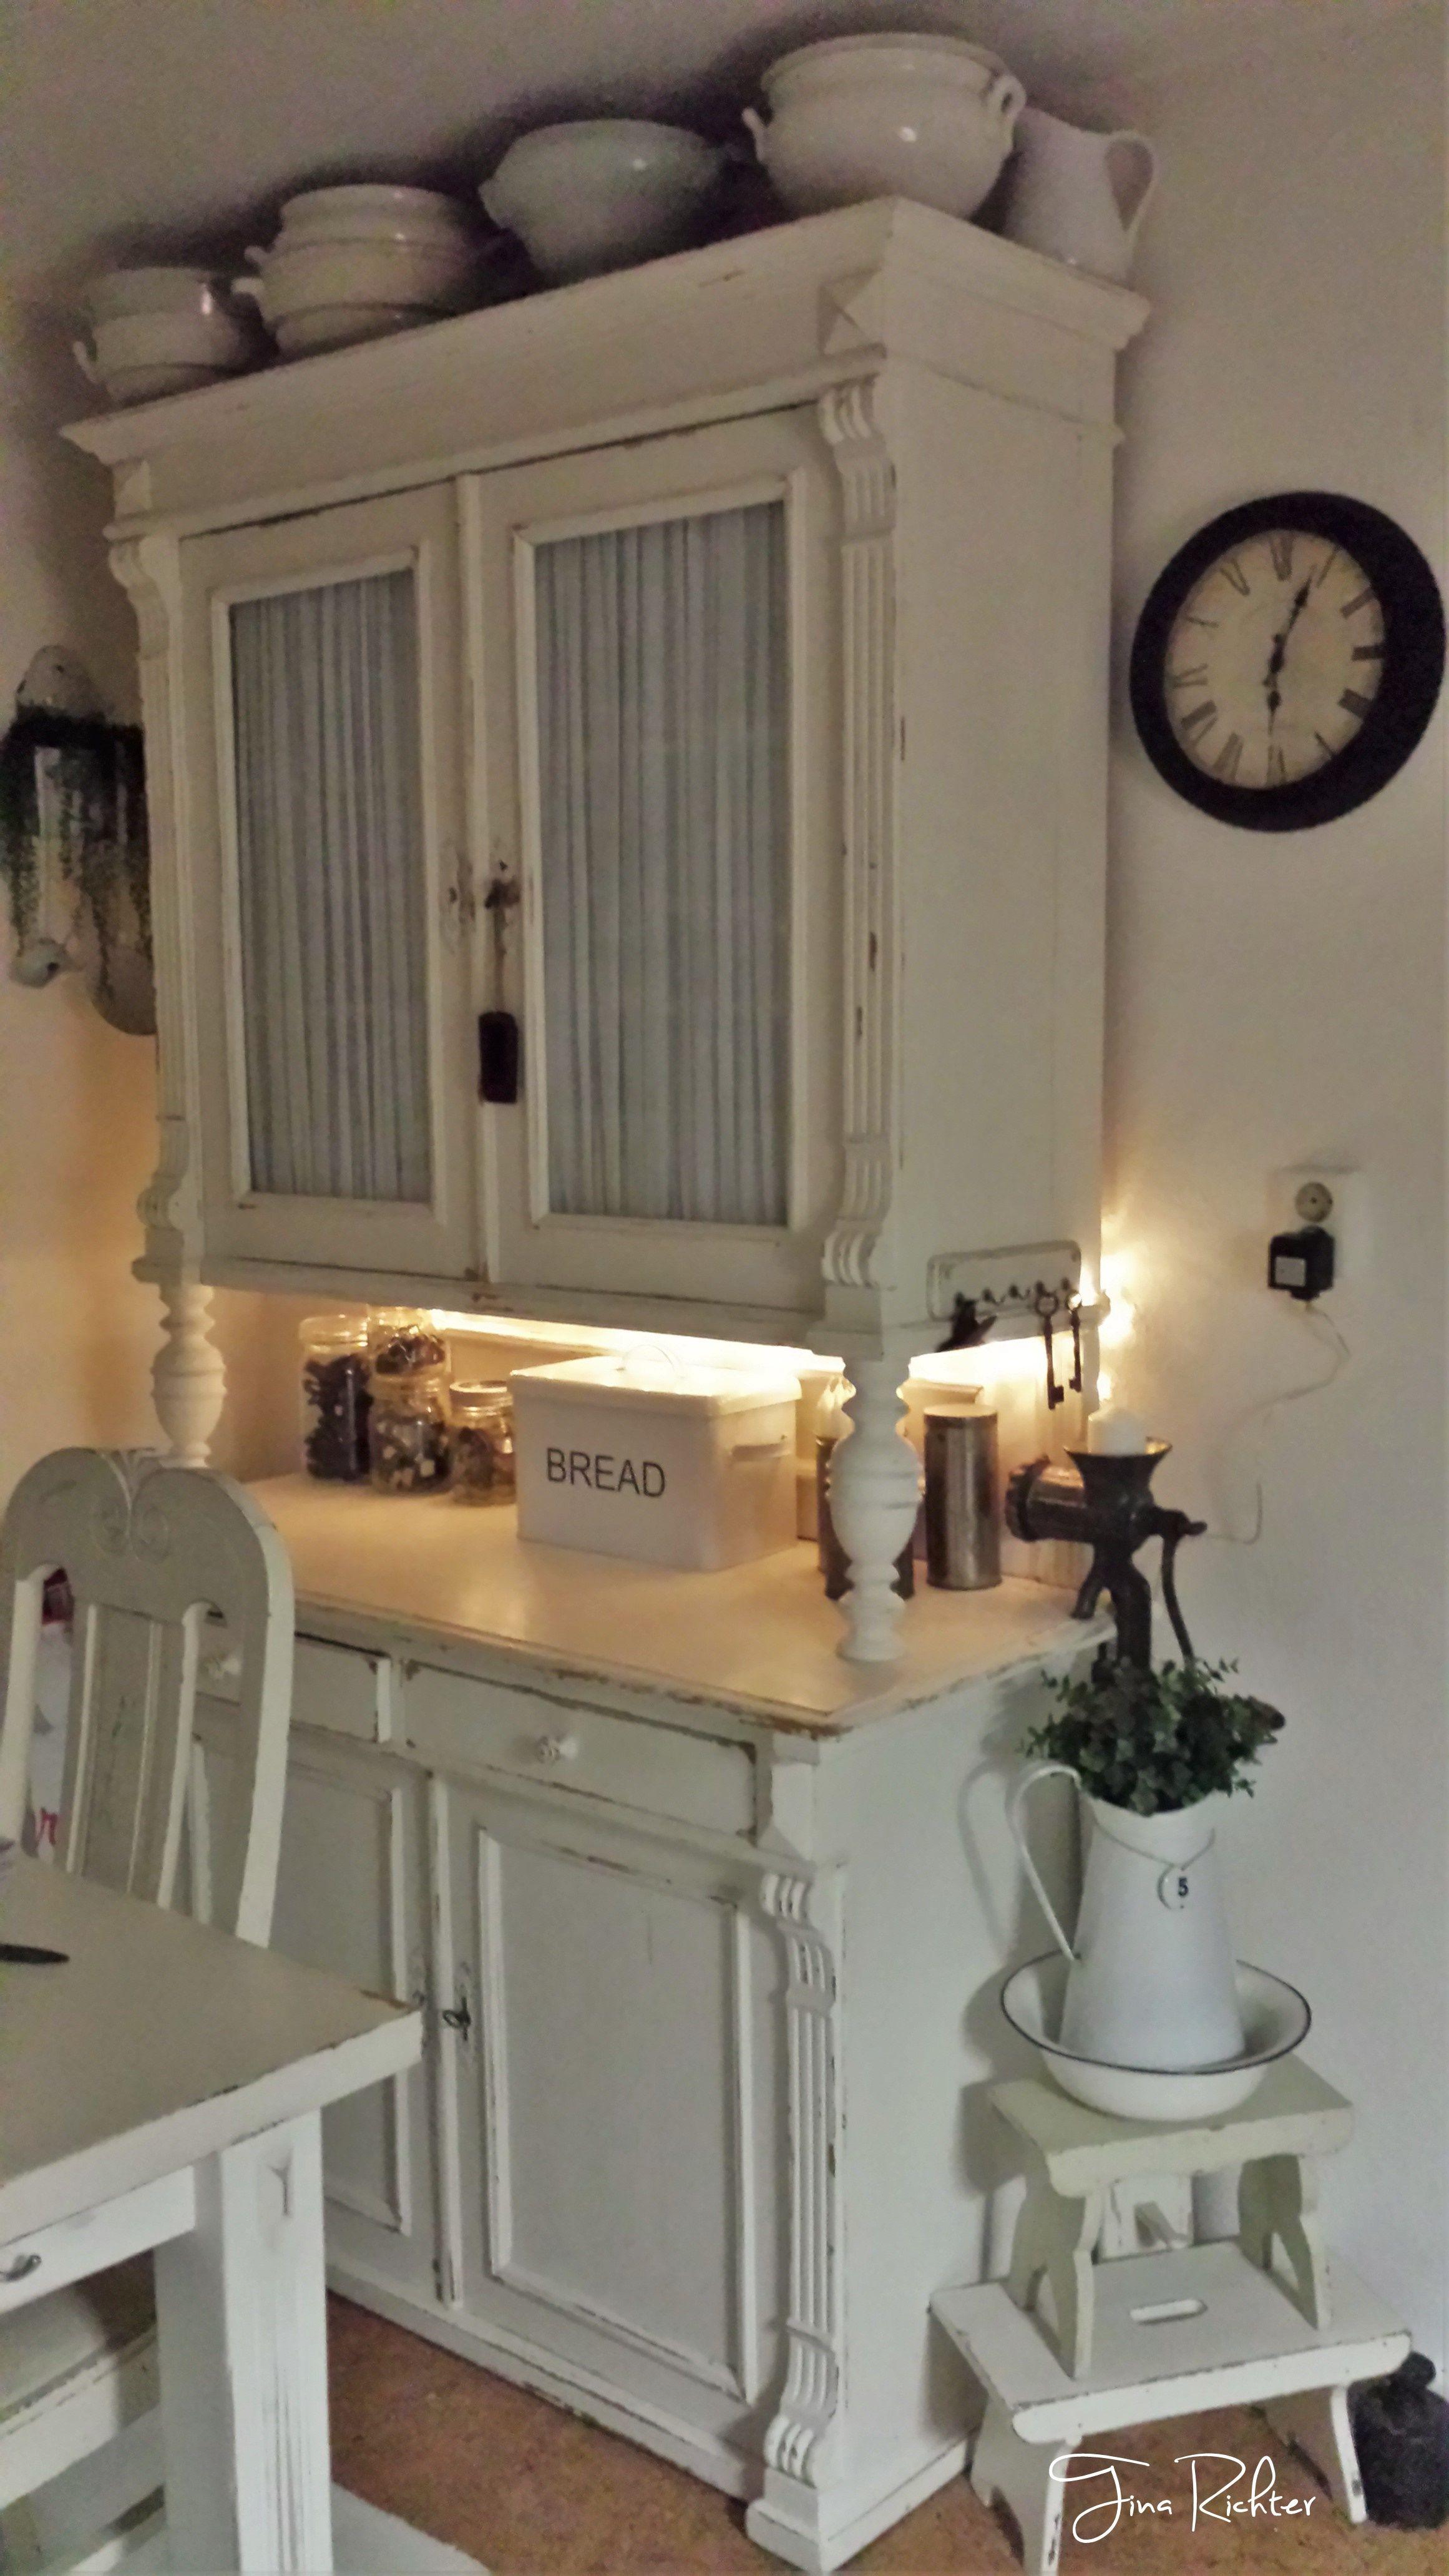 die besten 25 landidee wohnen und deko ideen auf pinterest land eingang wohnungseinrichtung. Black Bedroom Furniture Sets. Home Design Ideas